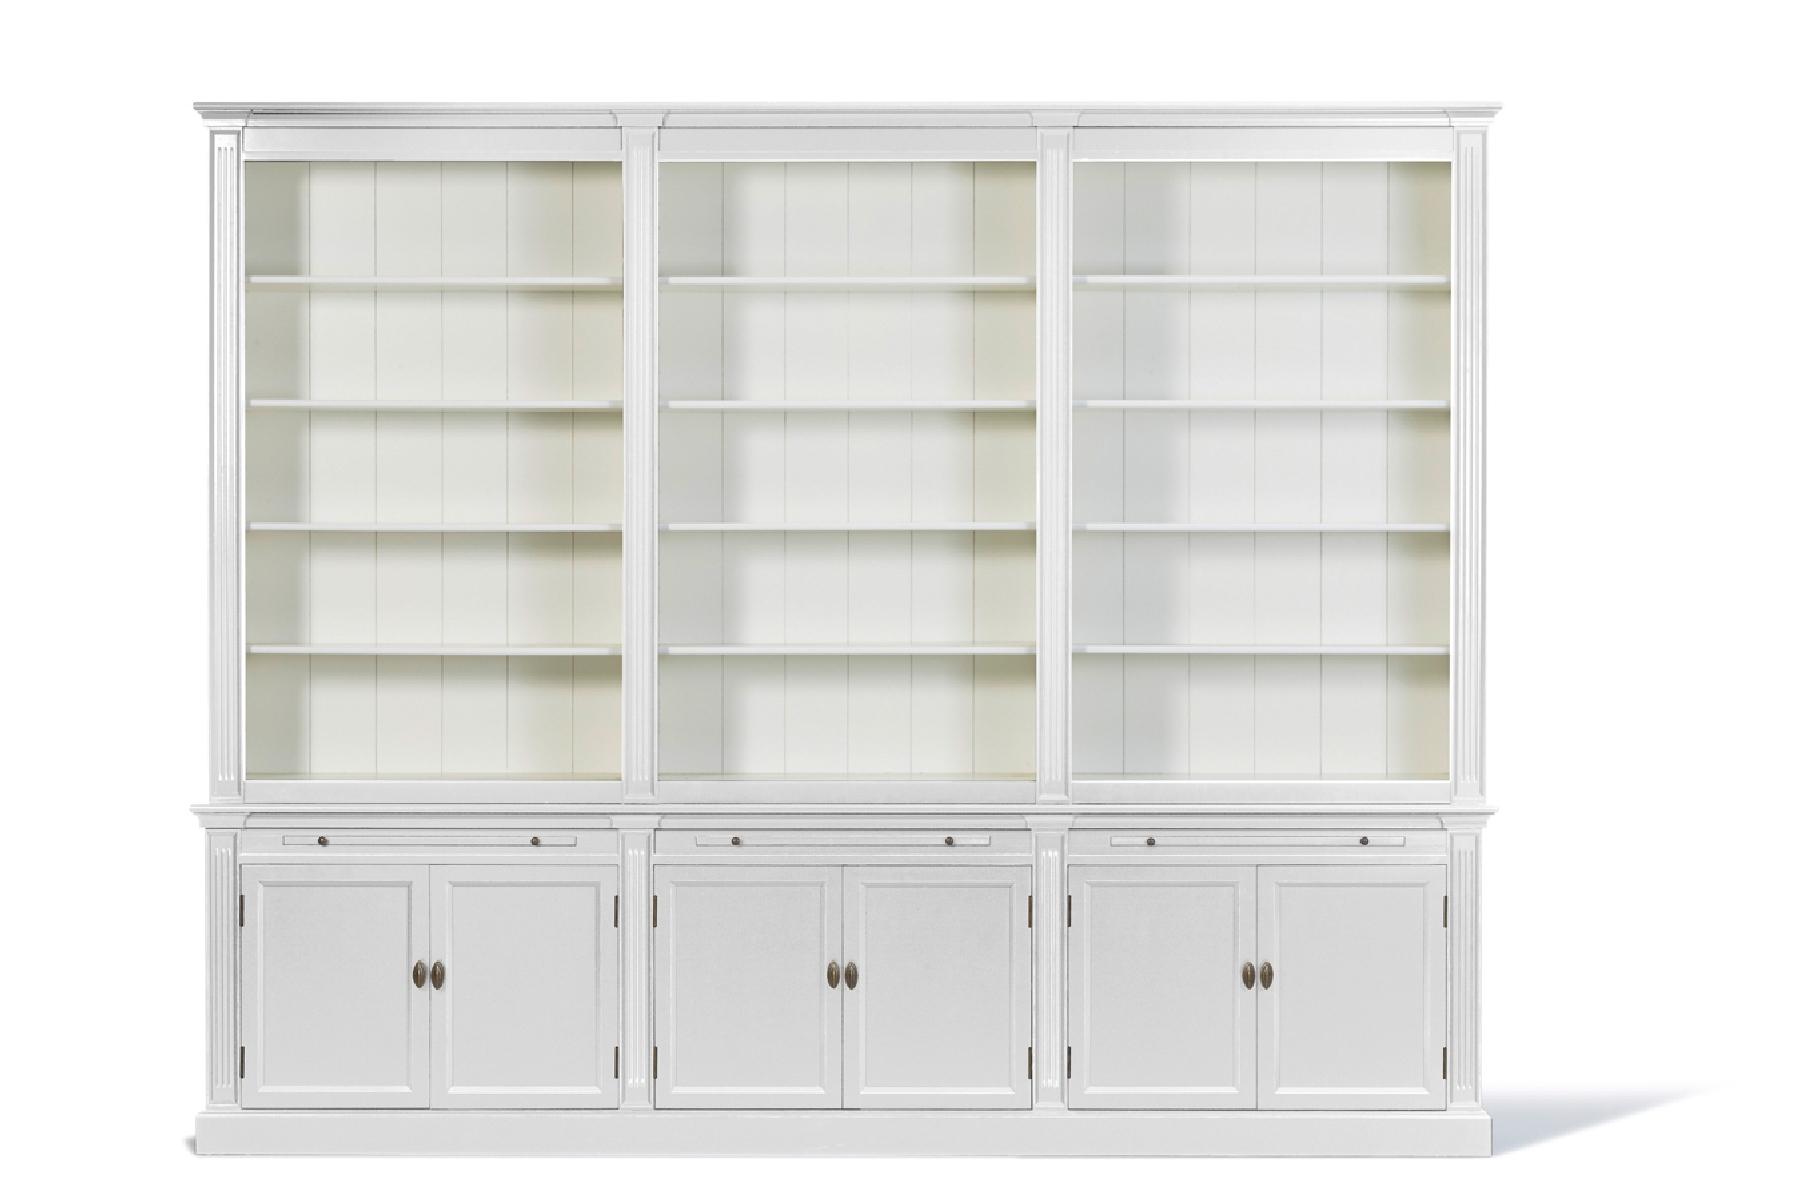 landelijke-boekenkast-bo-wit-3m-kastenn.nl-16